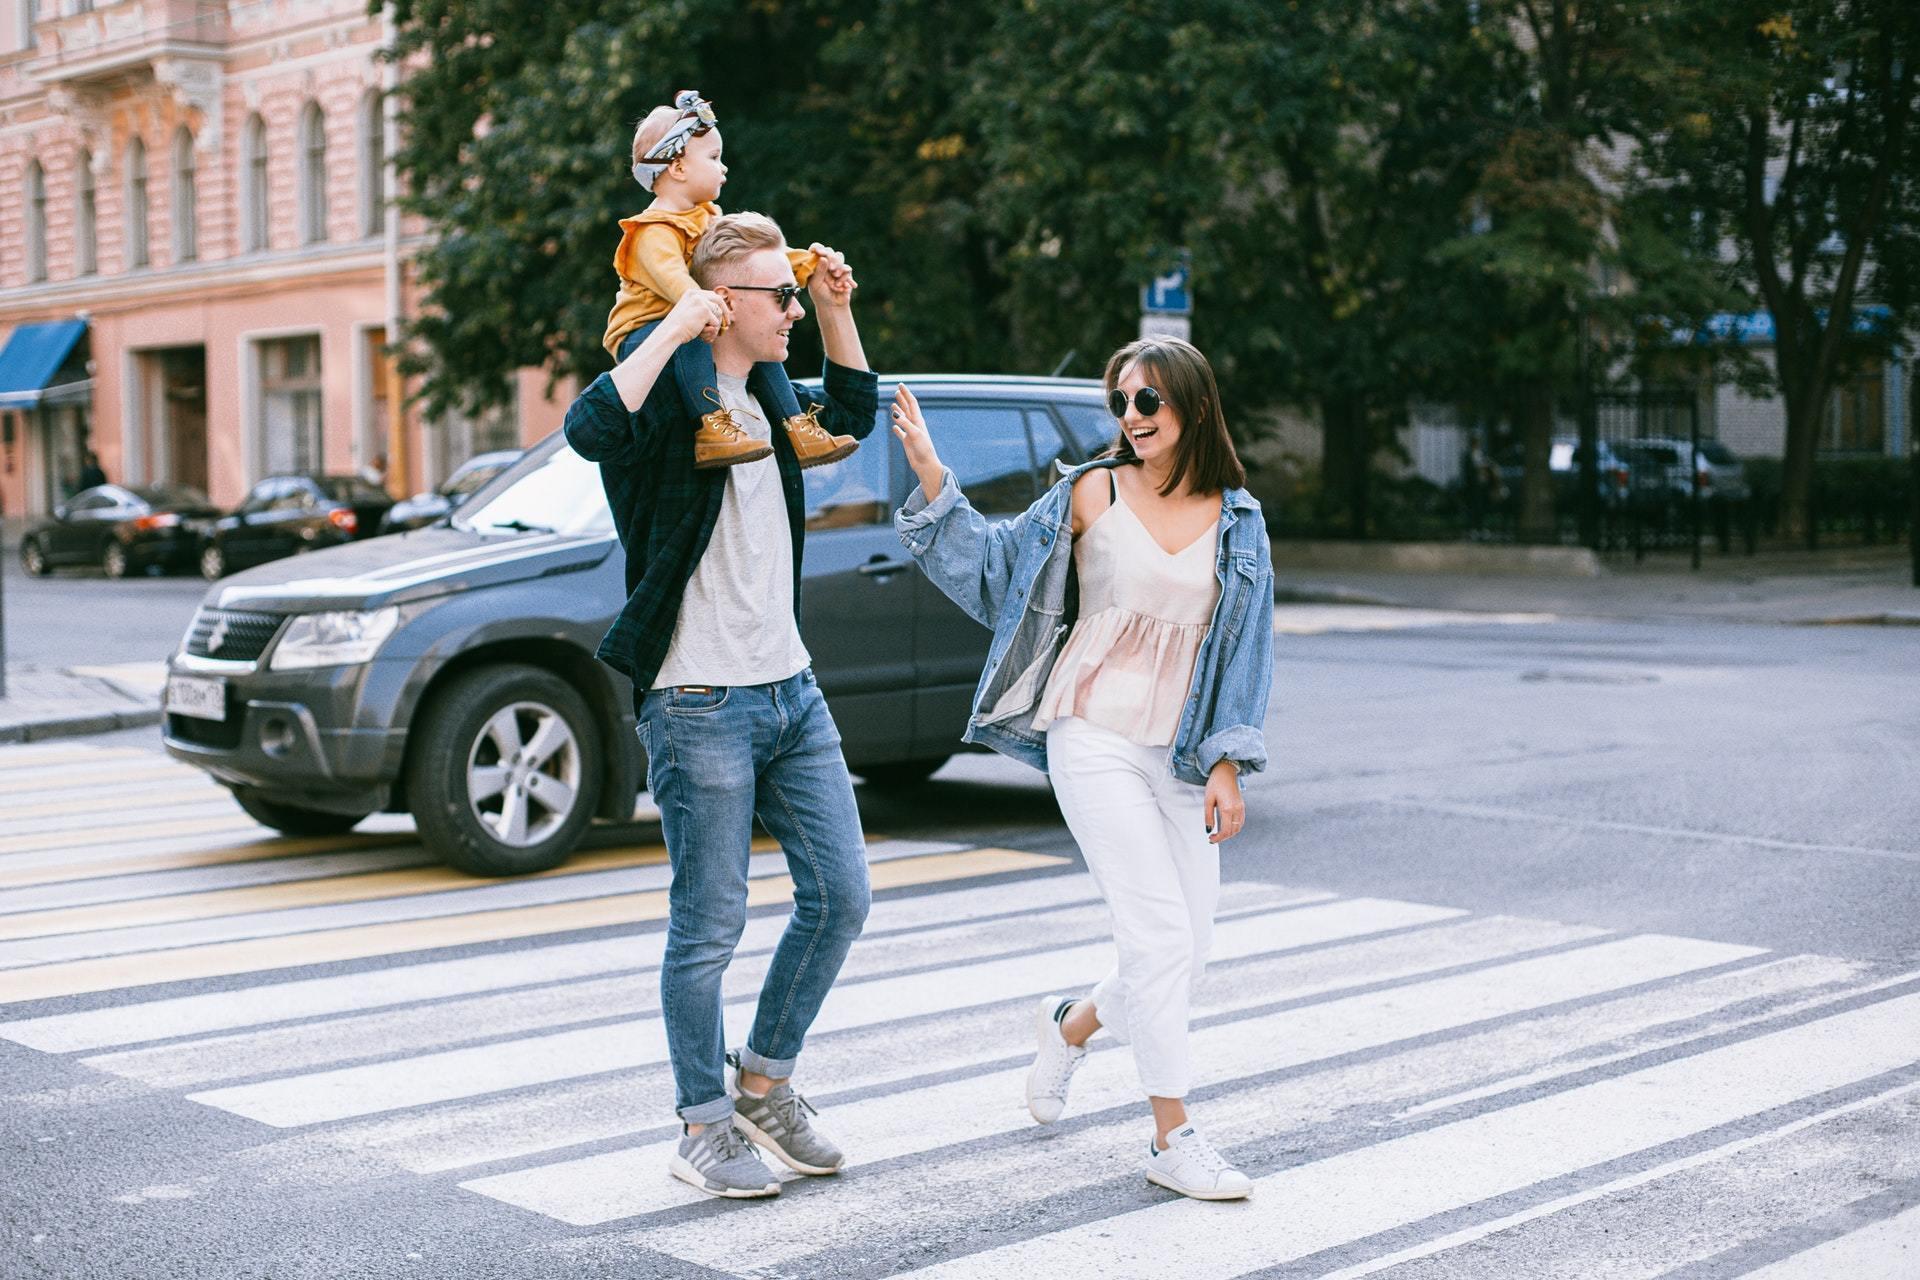 子連れ再婚成功の秘訣!子連れ再婚がうまくいくためにできること5選